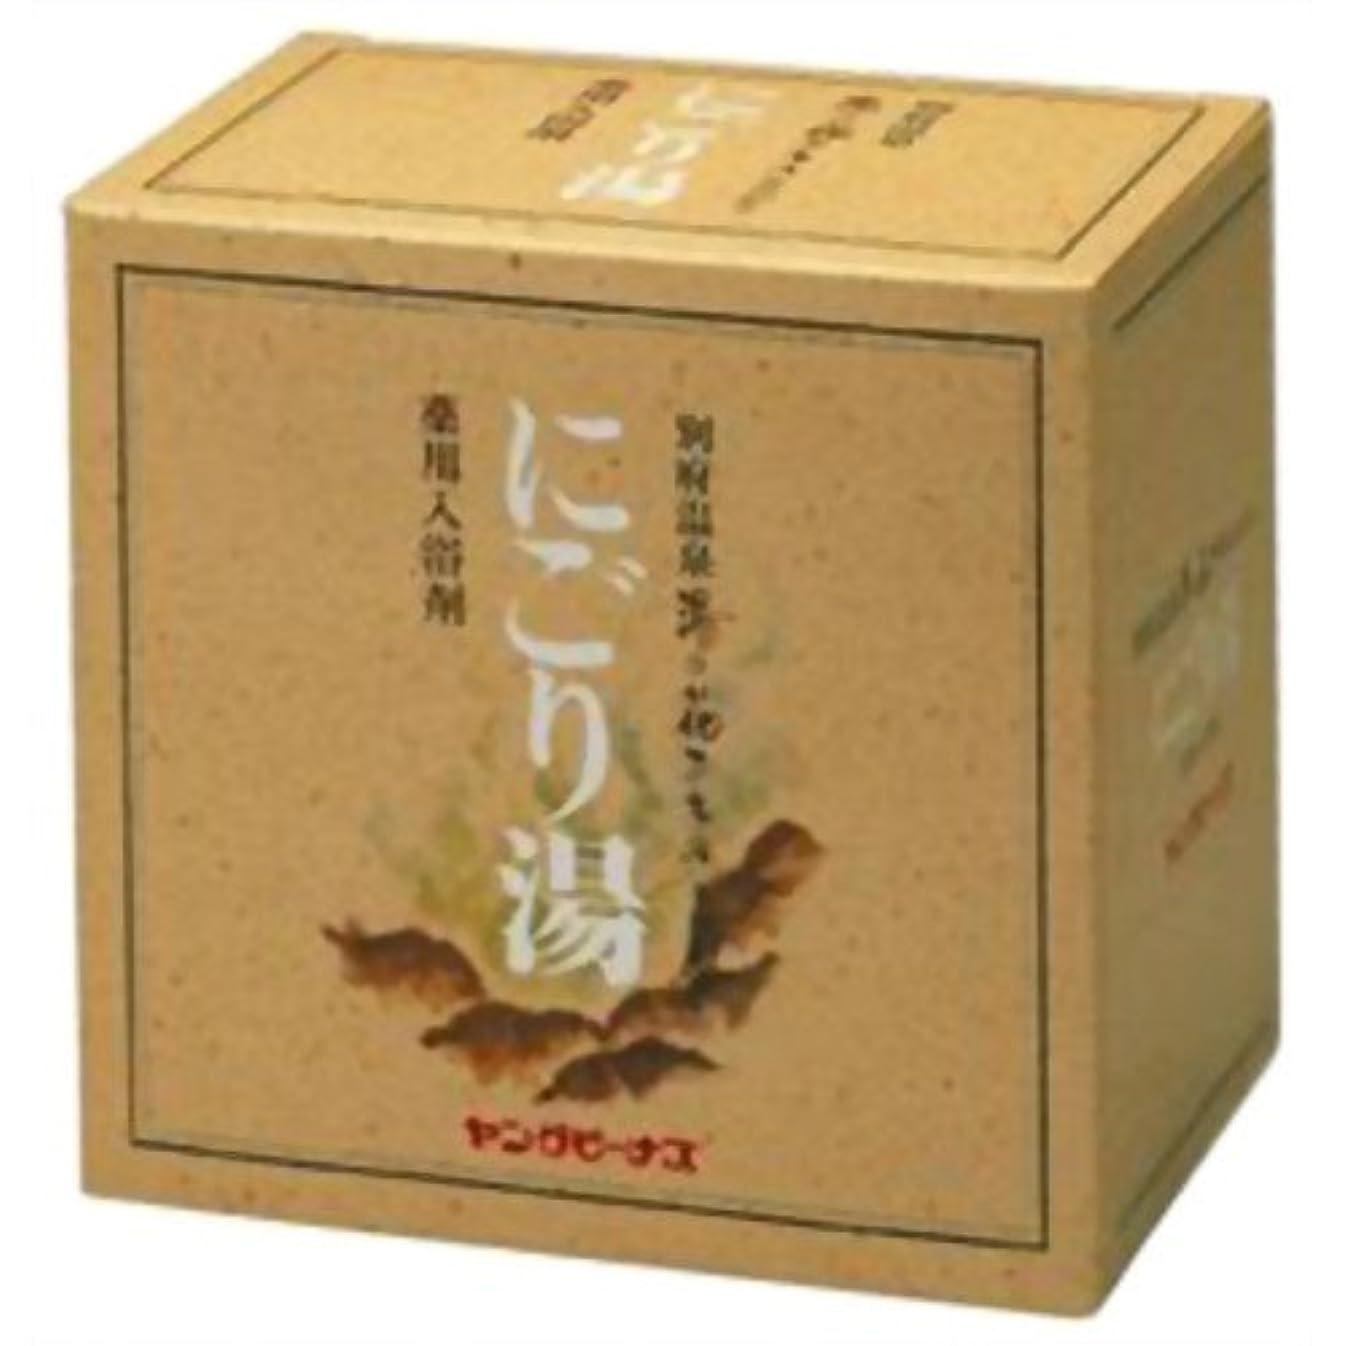 染料プロトタイプシチリアヤングビーナス にごり湯 入浴剤 M-10 50gx8袋入